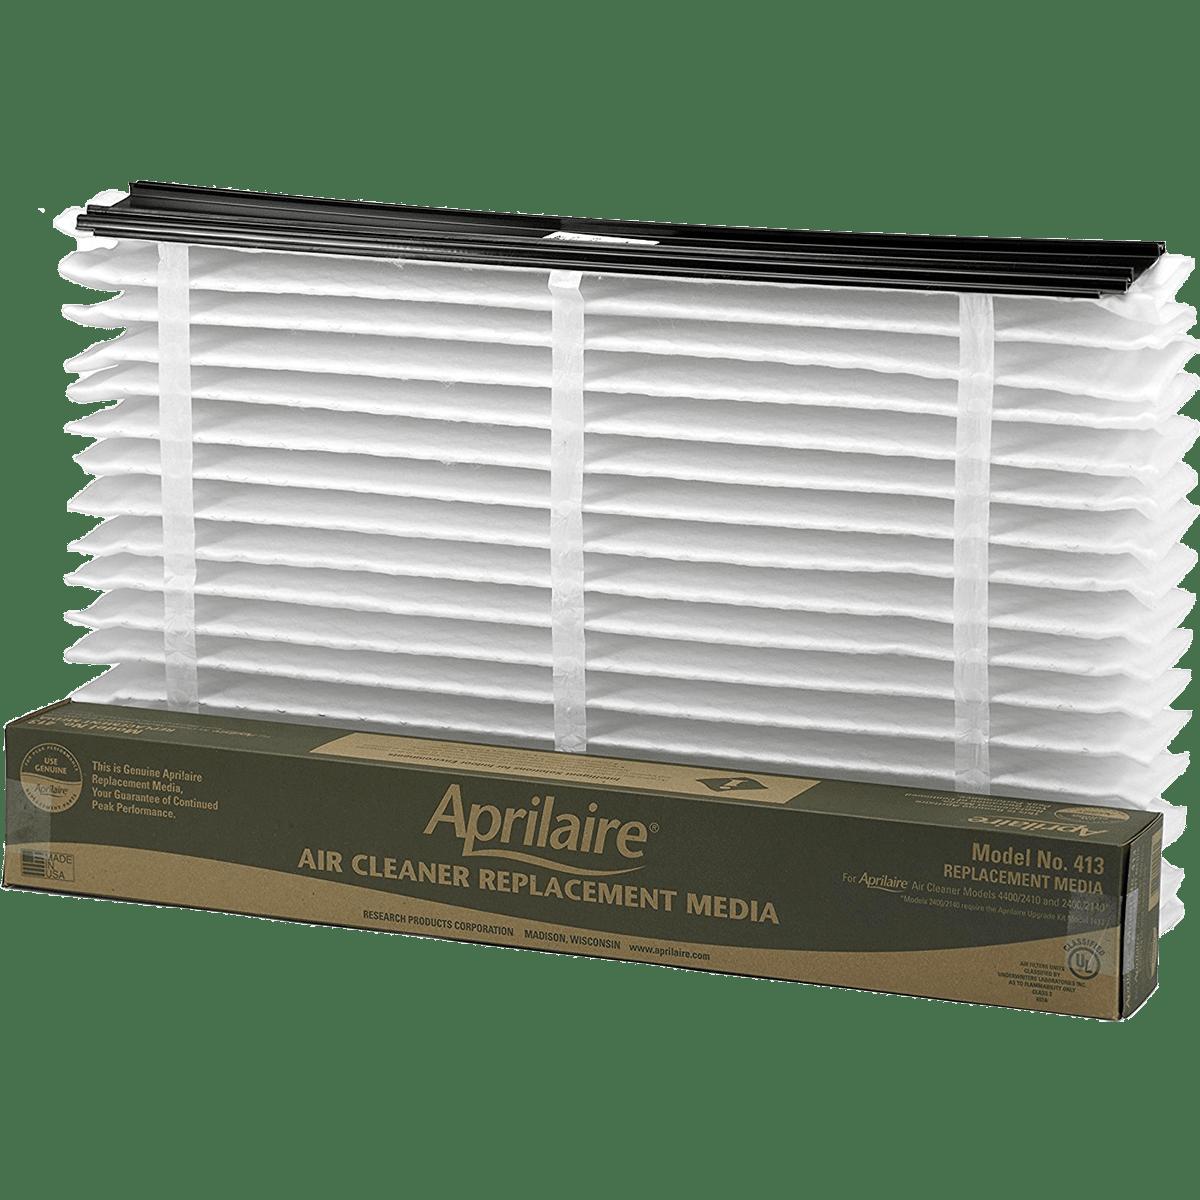 Aprilaire 413 Air Filter (MERV-13) ap4647